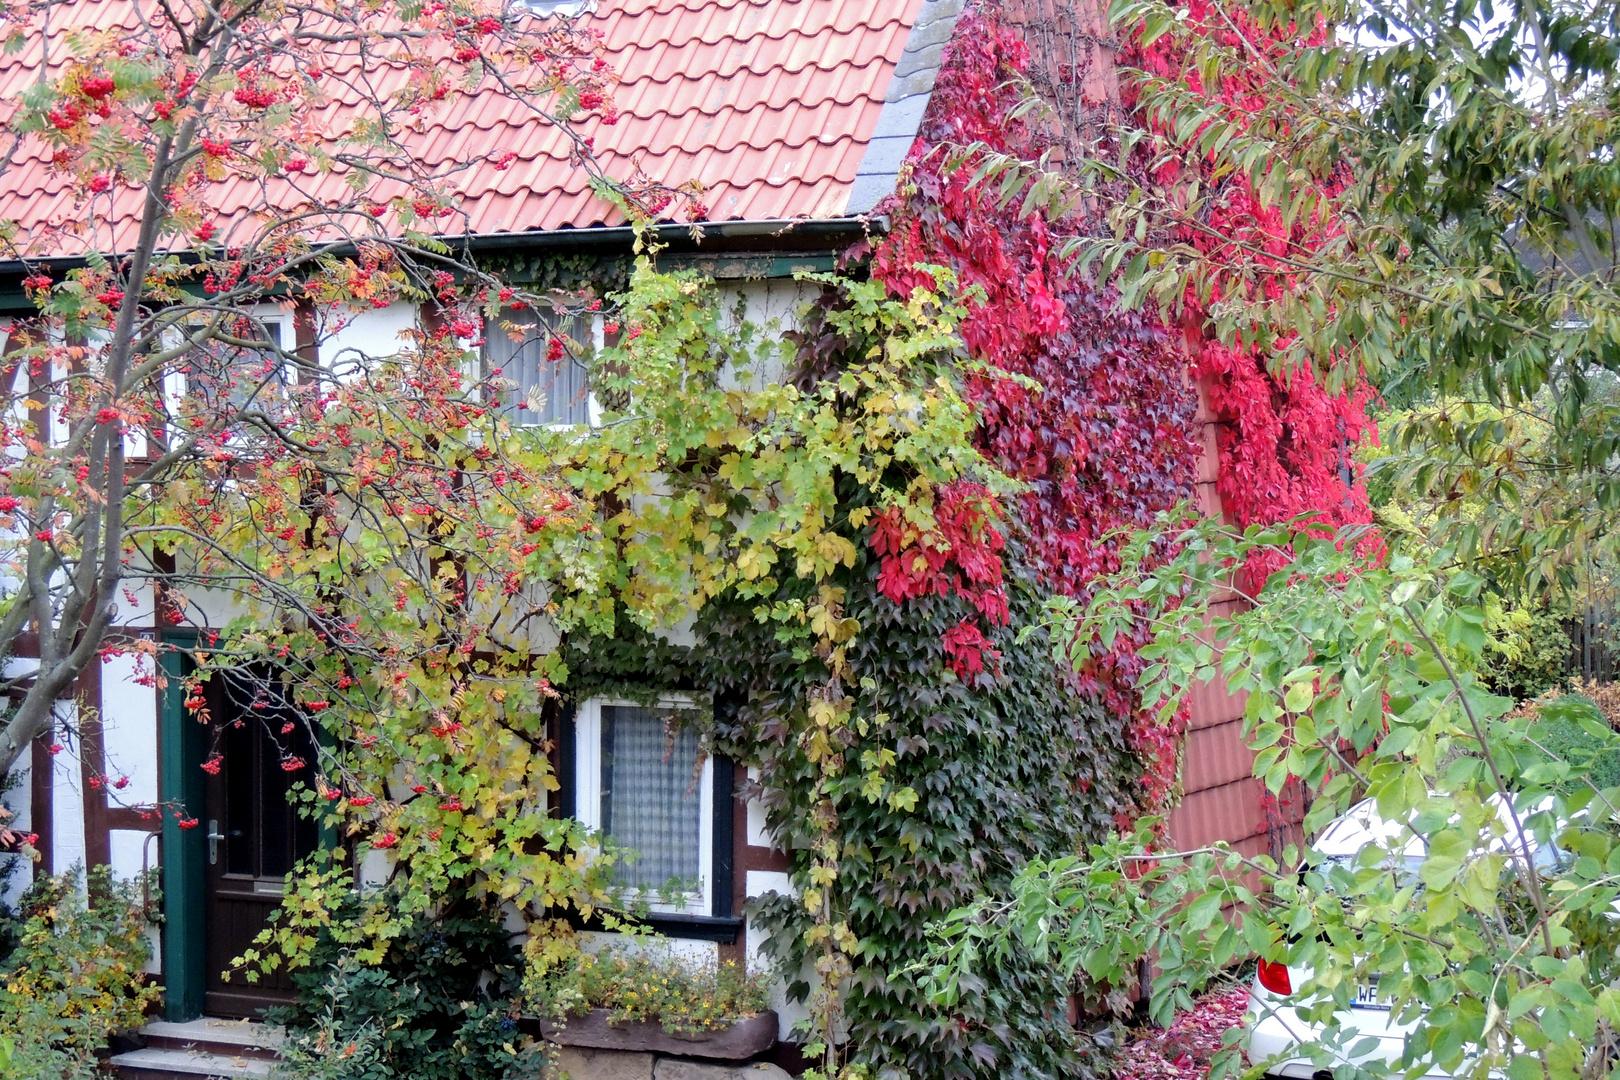 Der Herbst greift in den Tuschkasten